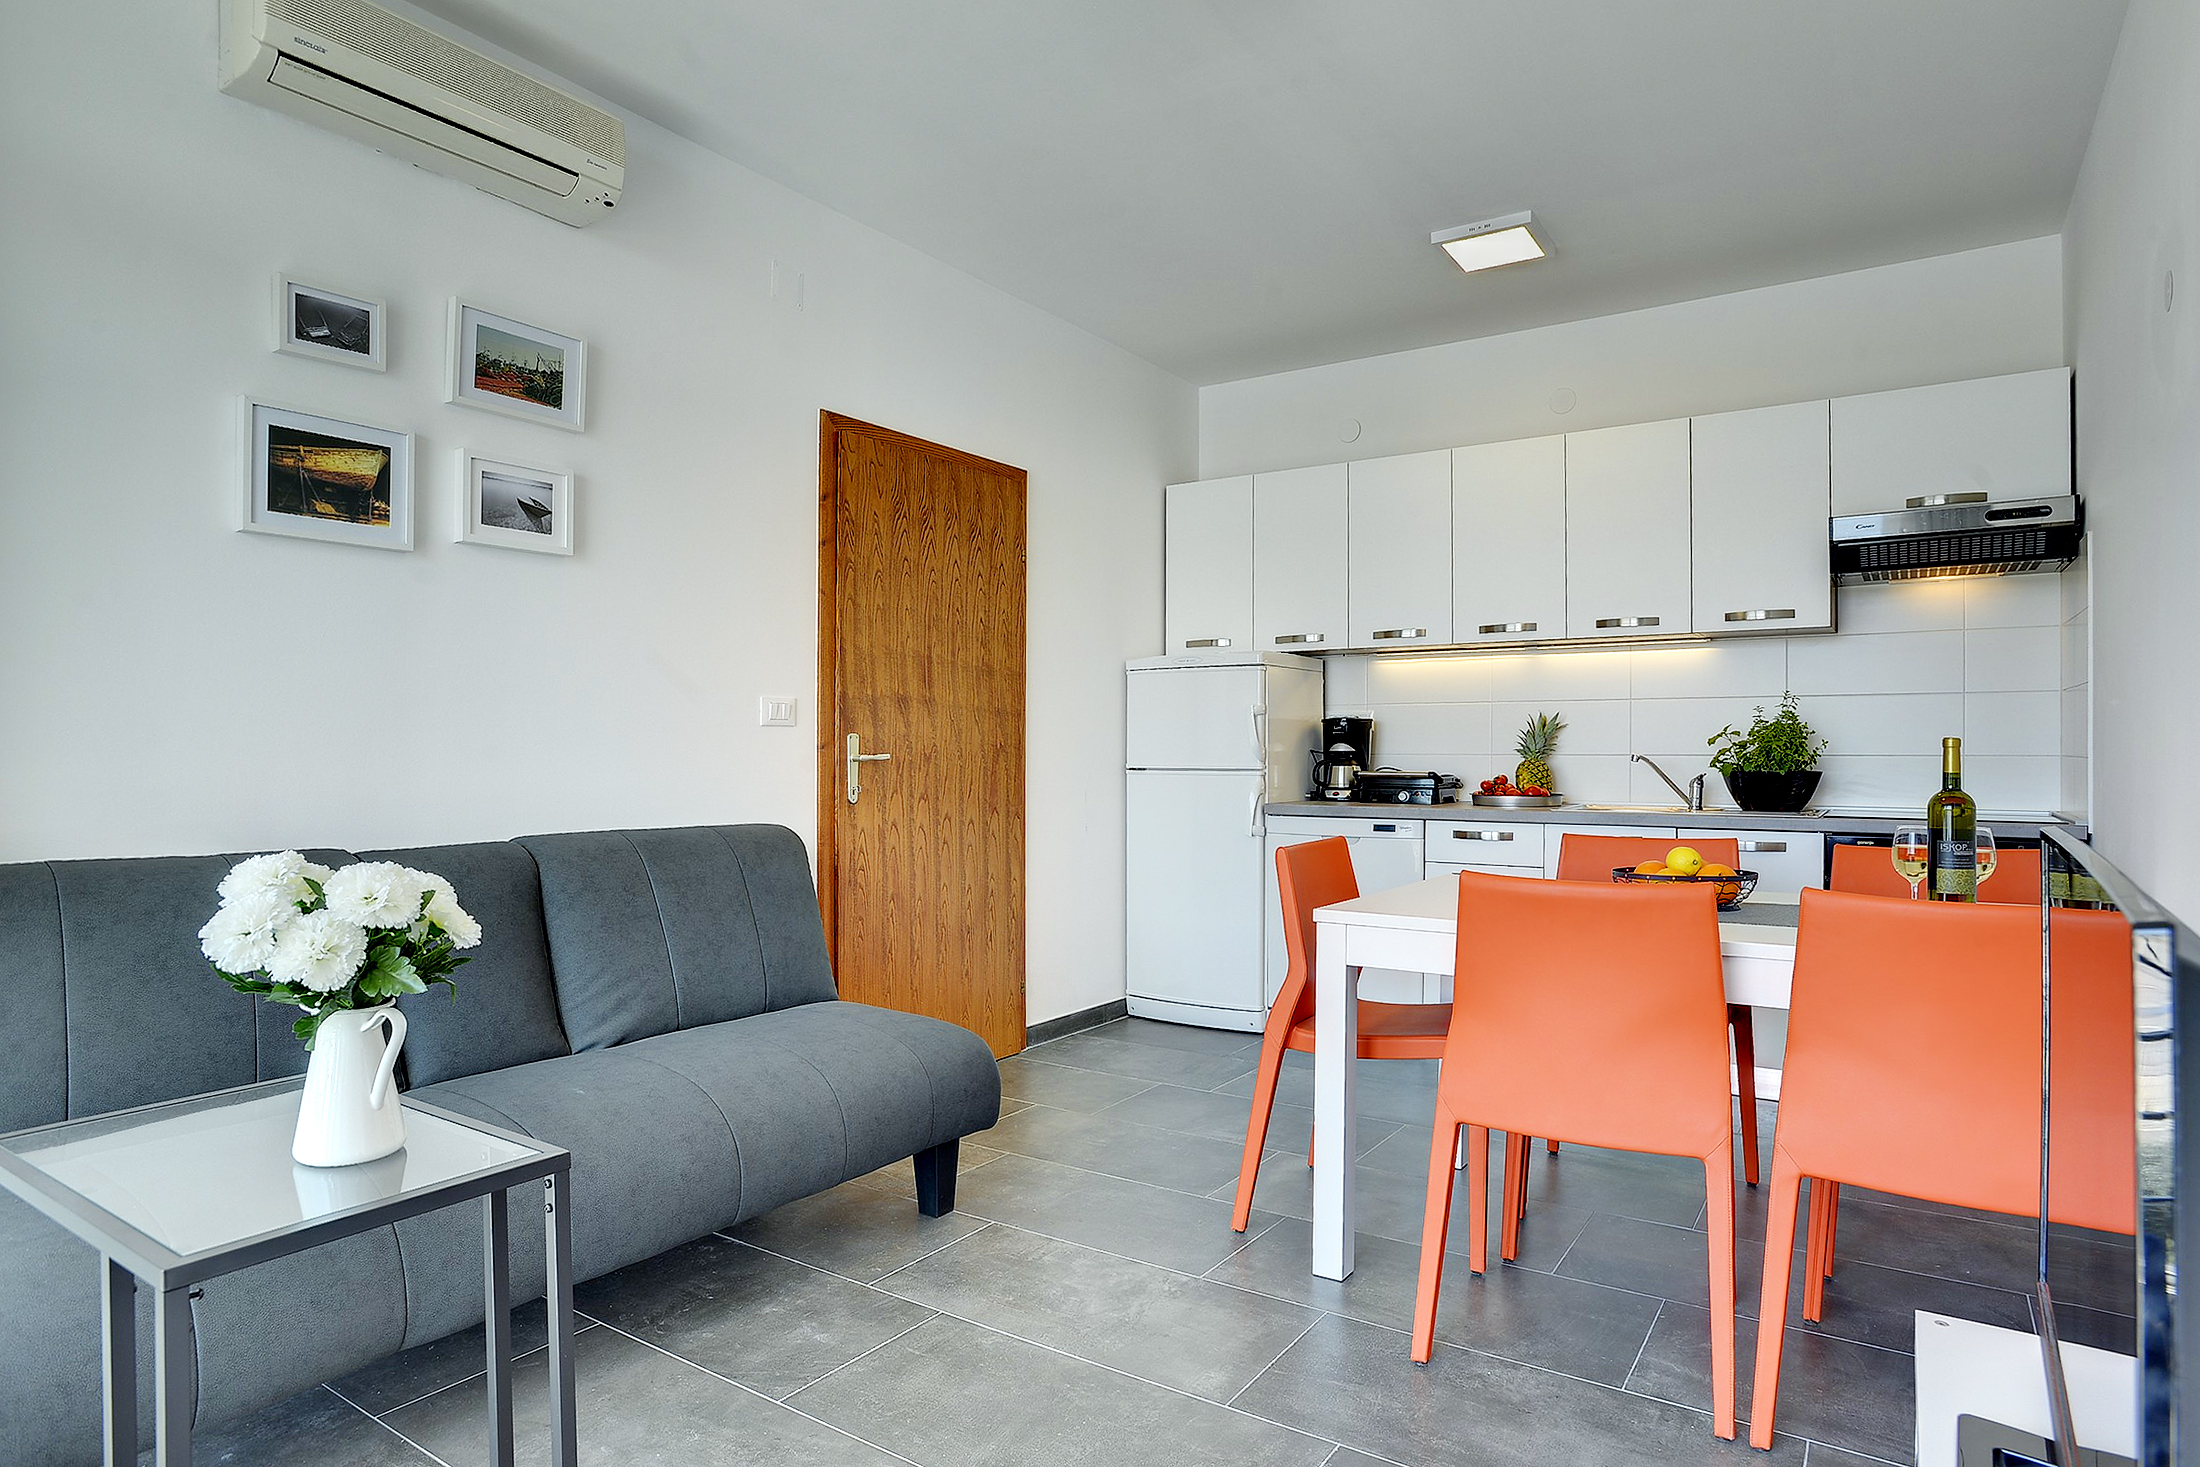 Prenotate le vacanze in questo comodo alloggio vicino al mare for Piani domestici moderni